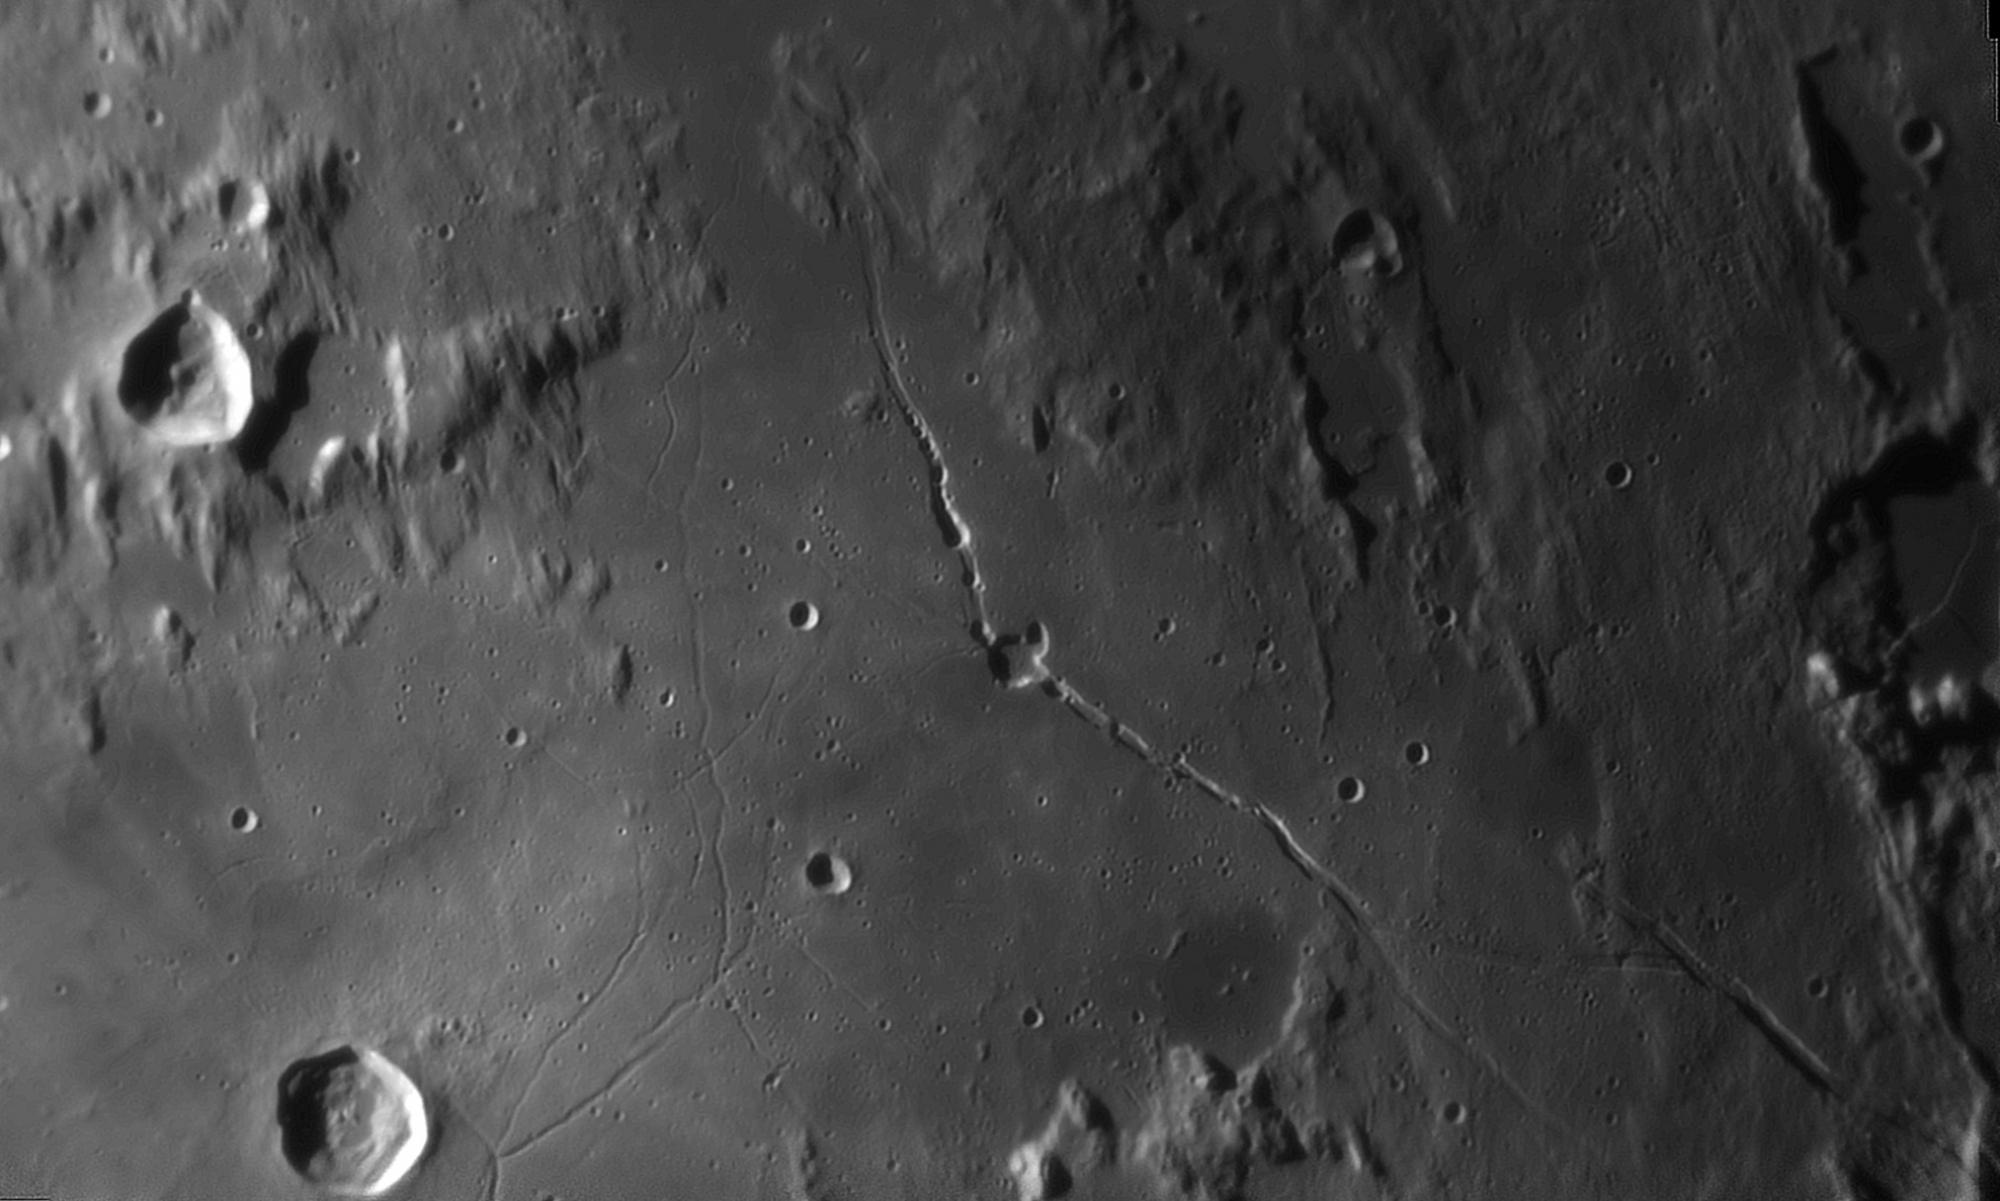 large.Moon_20_09_2019_03_46_06_R_610_l6_ap345.png.5394e99d0834ac0fc3122ef18dd8ca34.thumb.jpg.d01da3eb0091b45b0d7242eb1b153b39.jpg